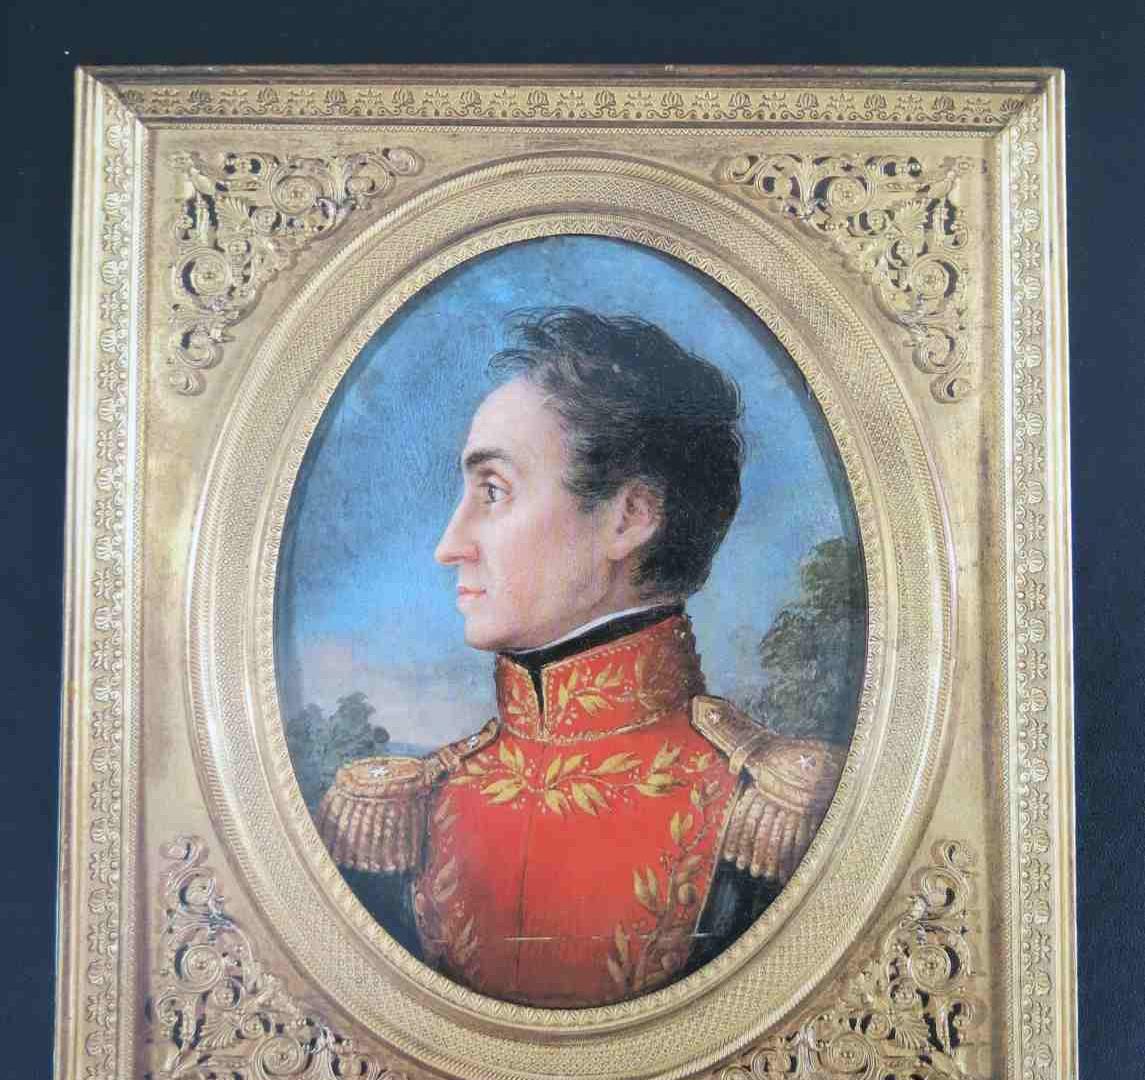 Imagen de la portada del libro de Alfredo Boulton, El rostro de Bolívar.